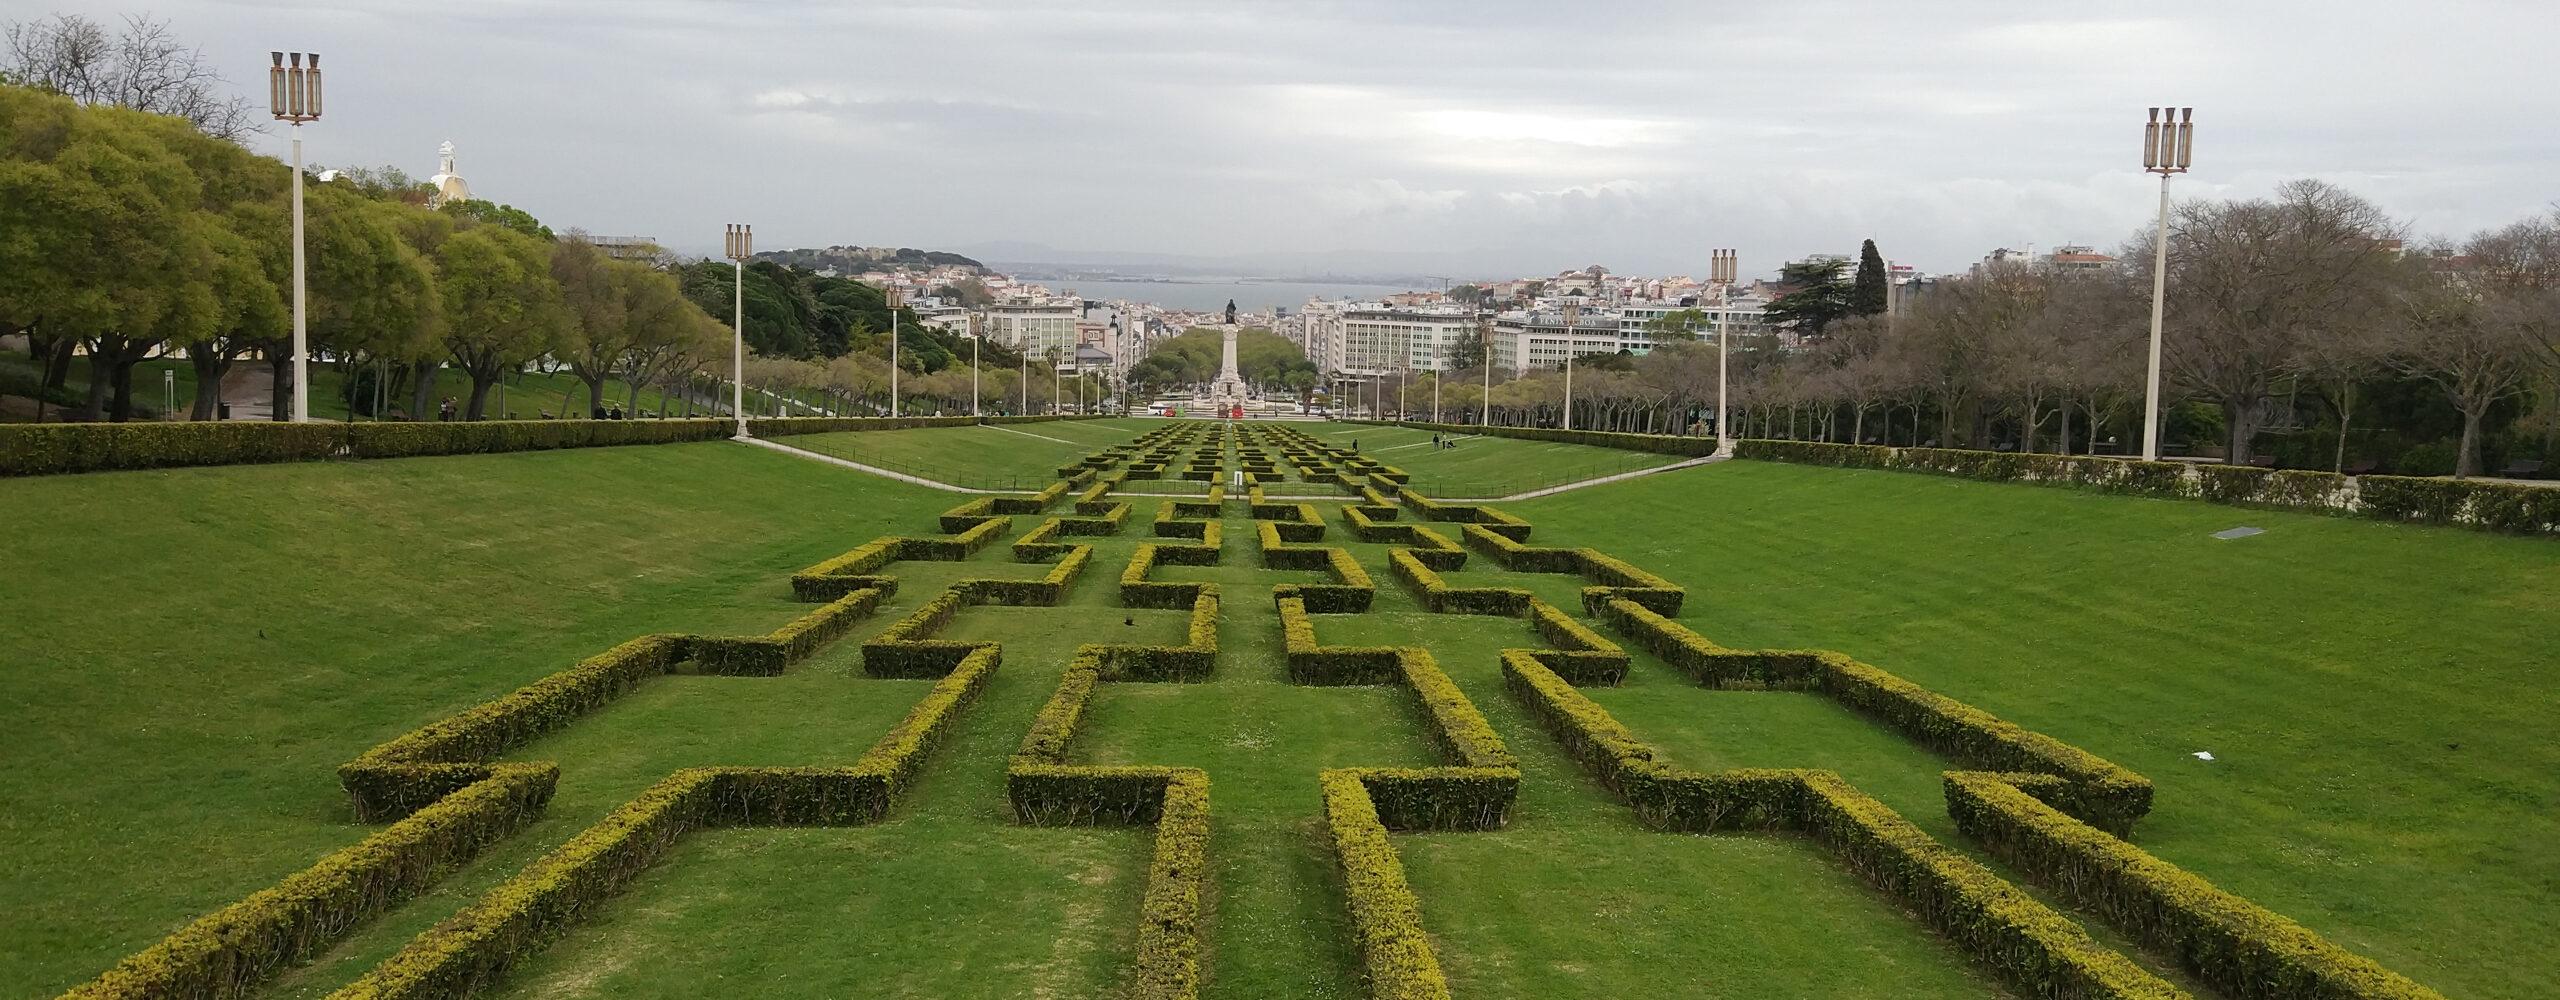 Португалия— путешествие накрай земли. Часть 1— Лиссабон